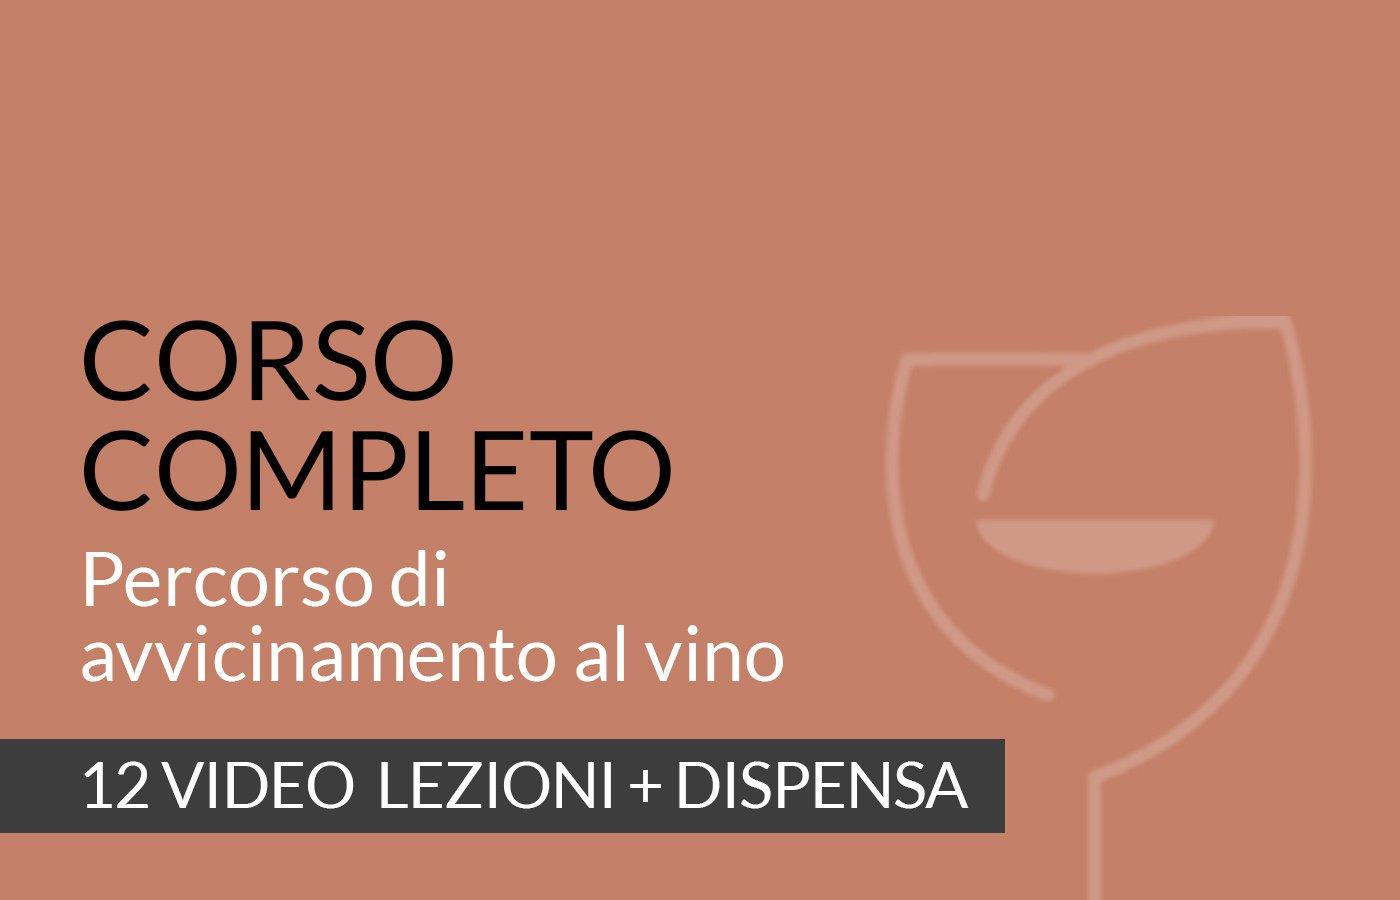 Percorso di avvicinamento al vino Video corso